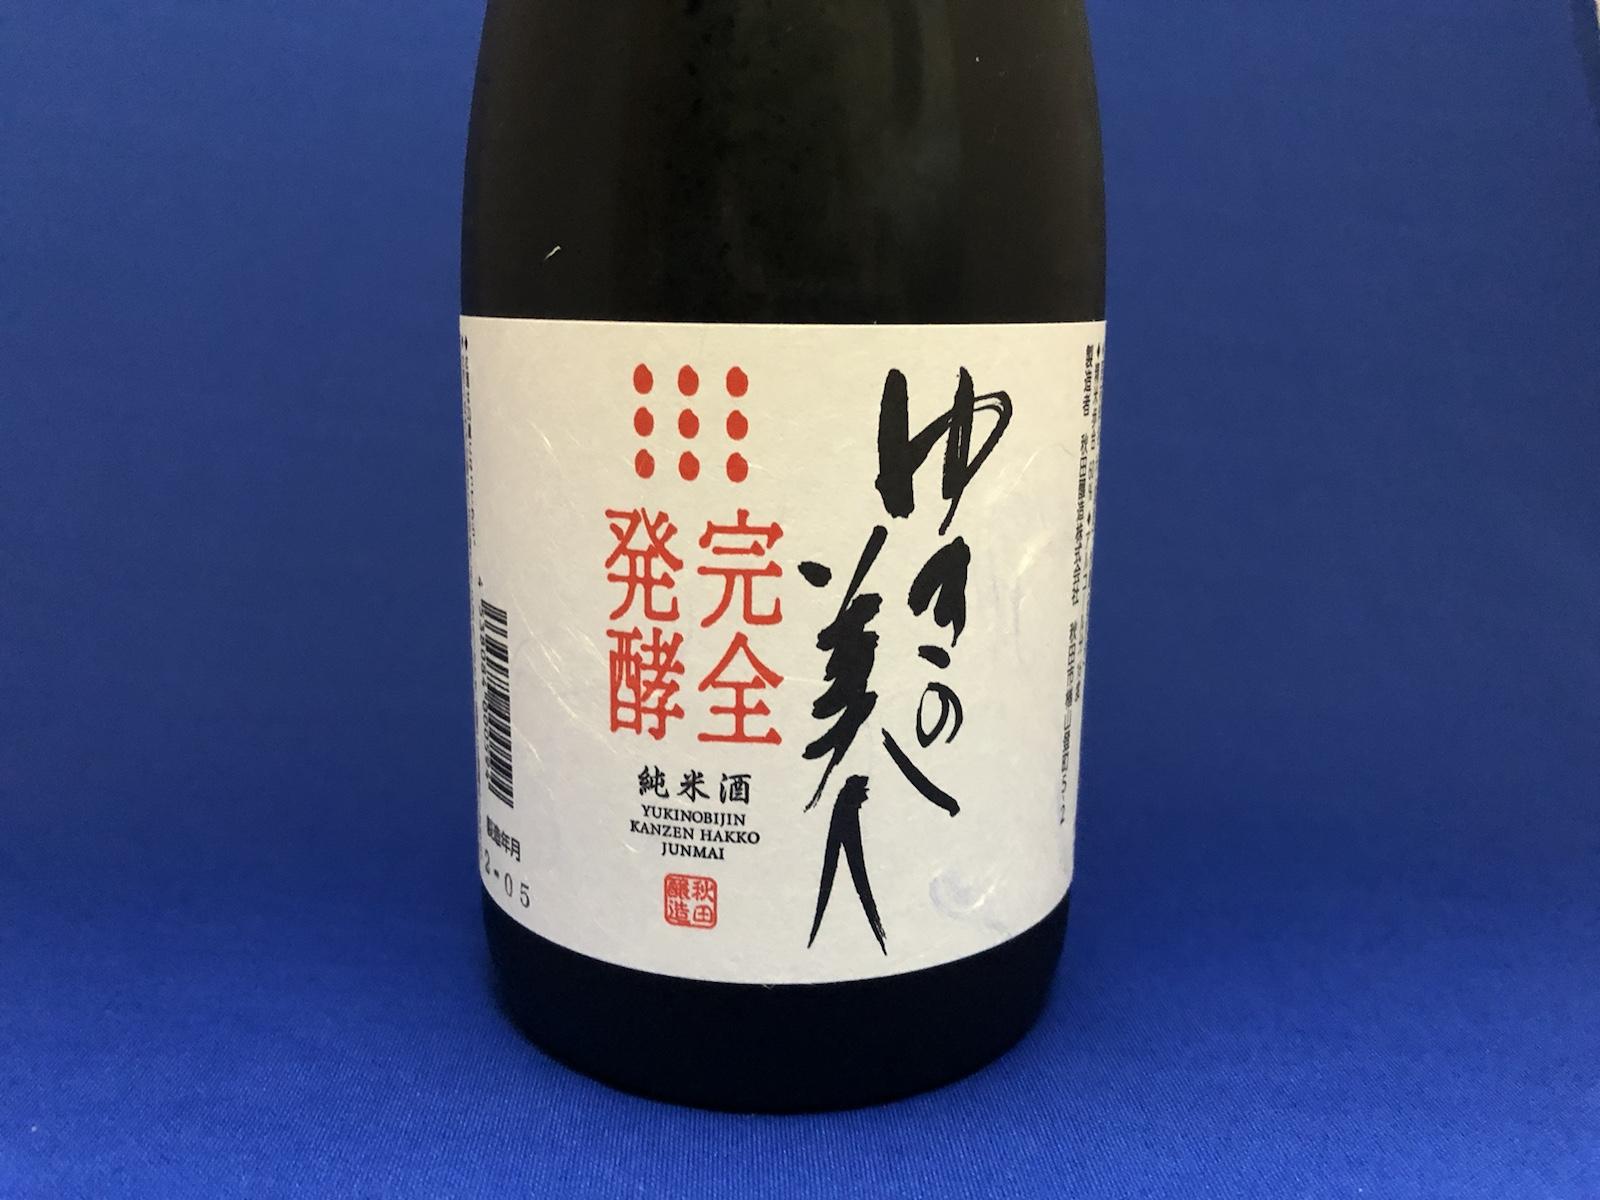 「ゆきの美人」完全発酵!ストレスも汗も発散、超辛口の純米酒